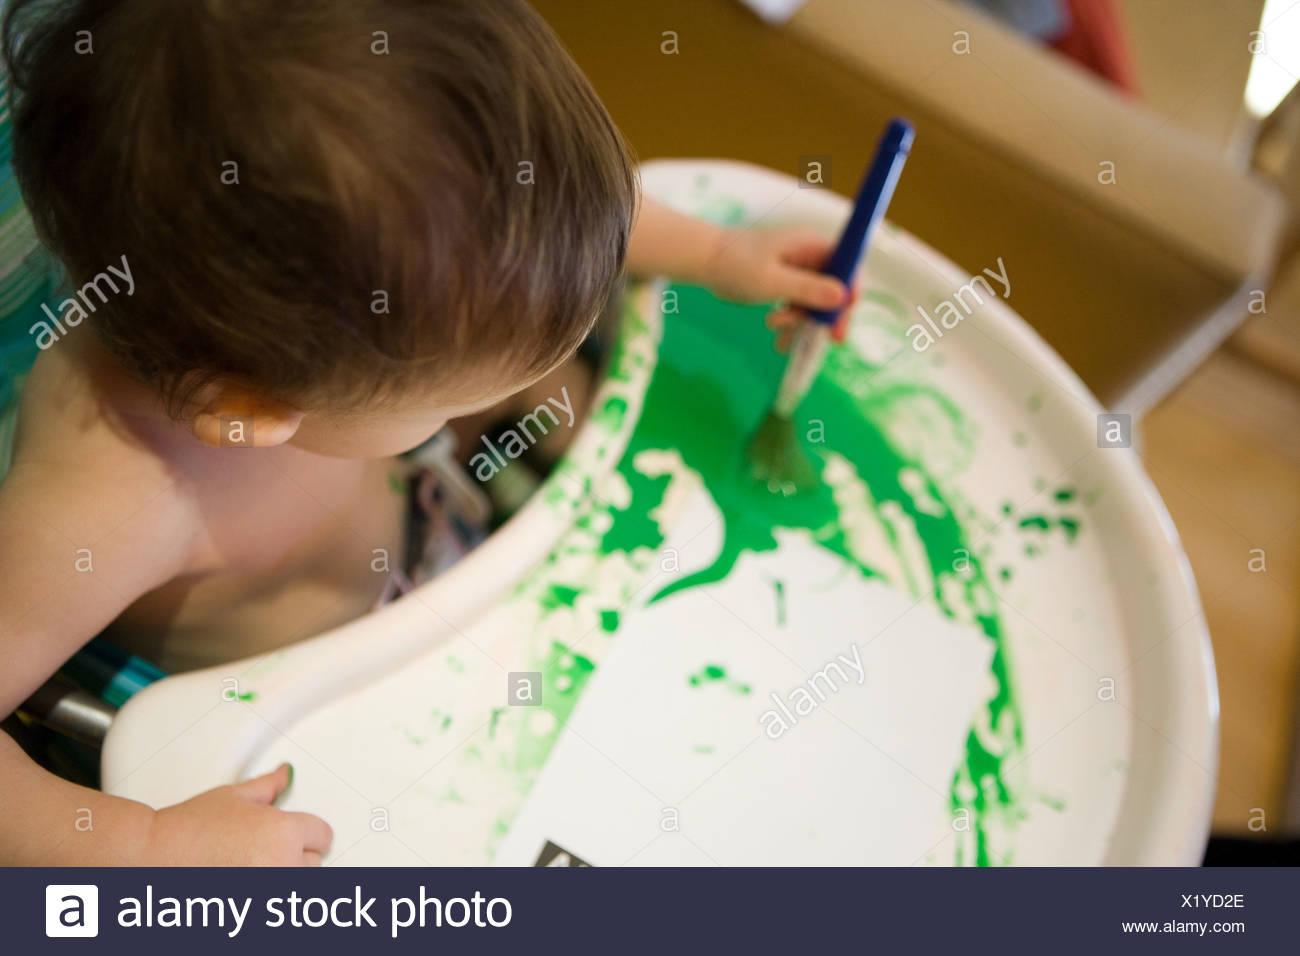 Baby boy in alta sedia con della vernice verde Immagini Stock